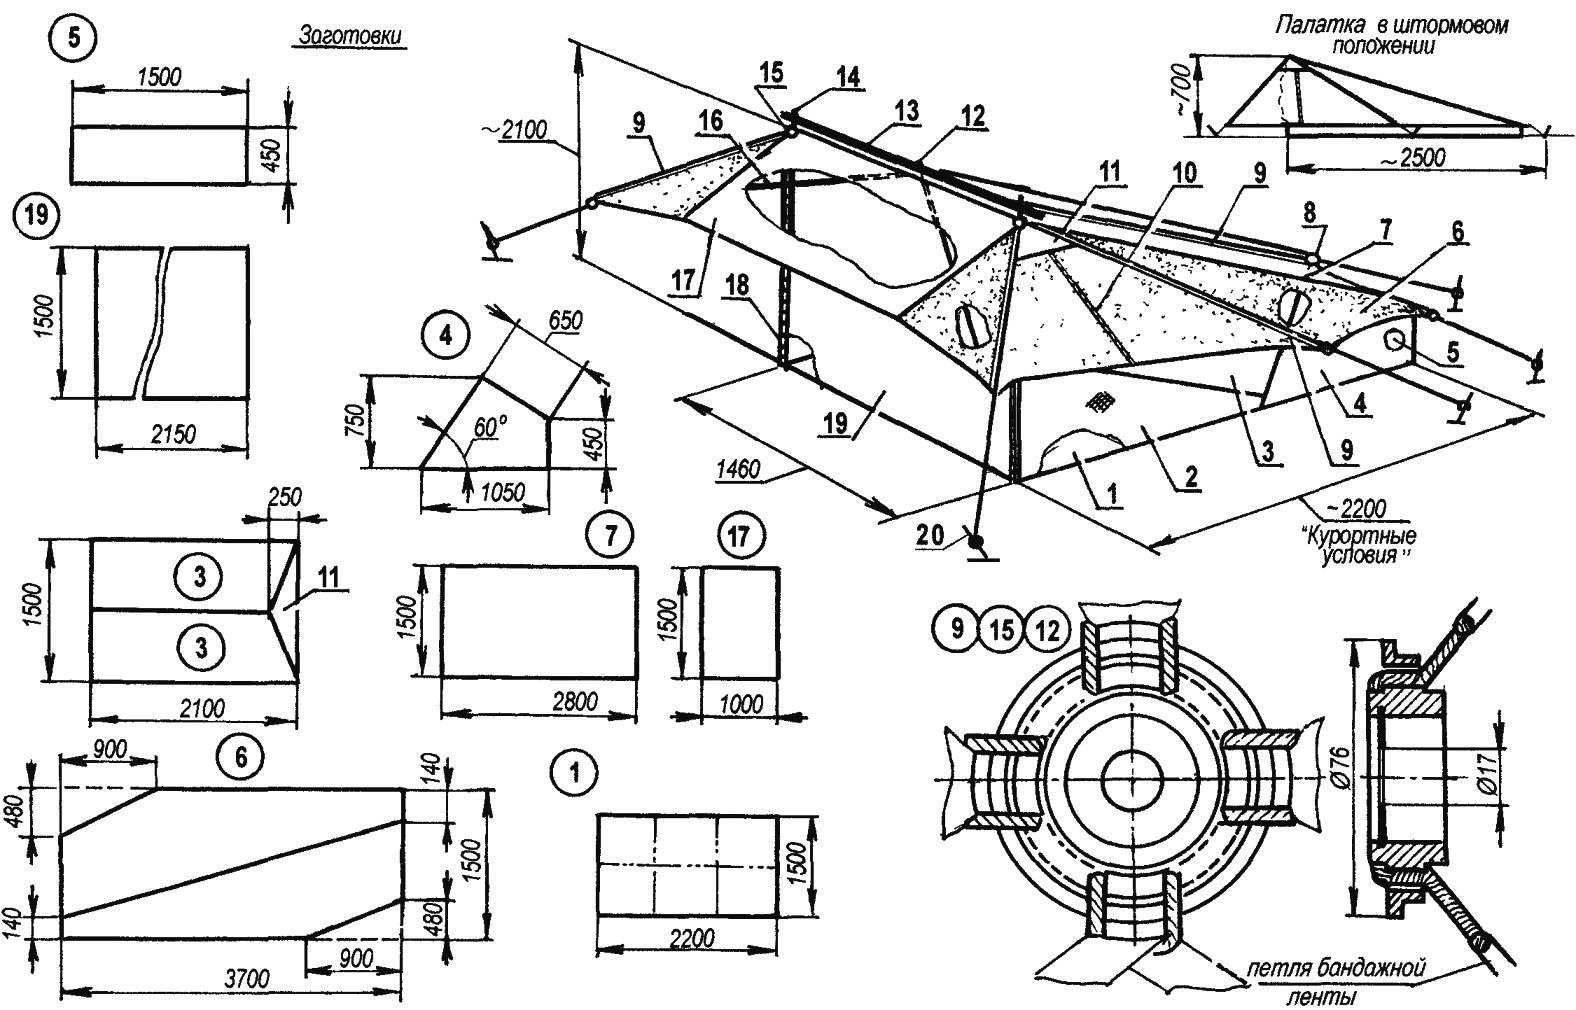 Рис. 1. Самодельная палатка с изменяемой «геометрией»